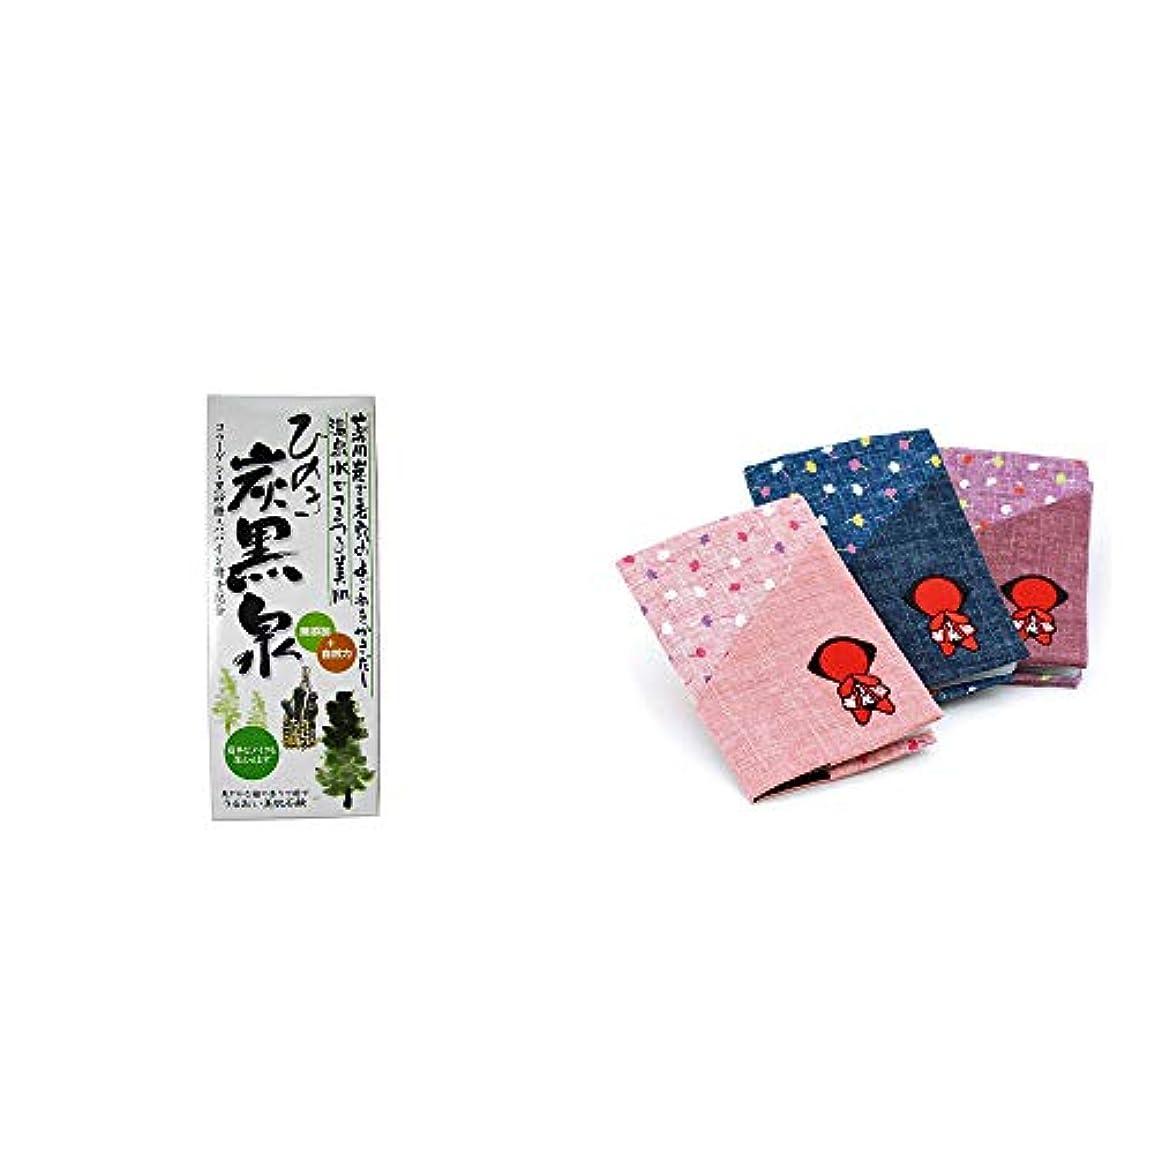 [2点セット] ひのき炭黒泉 箱入り(75g×3)?おねがいさるぼぼ カードケース【ピンク】